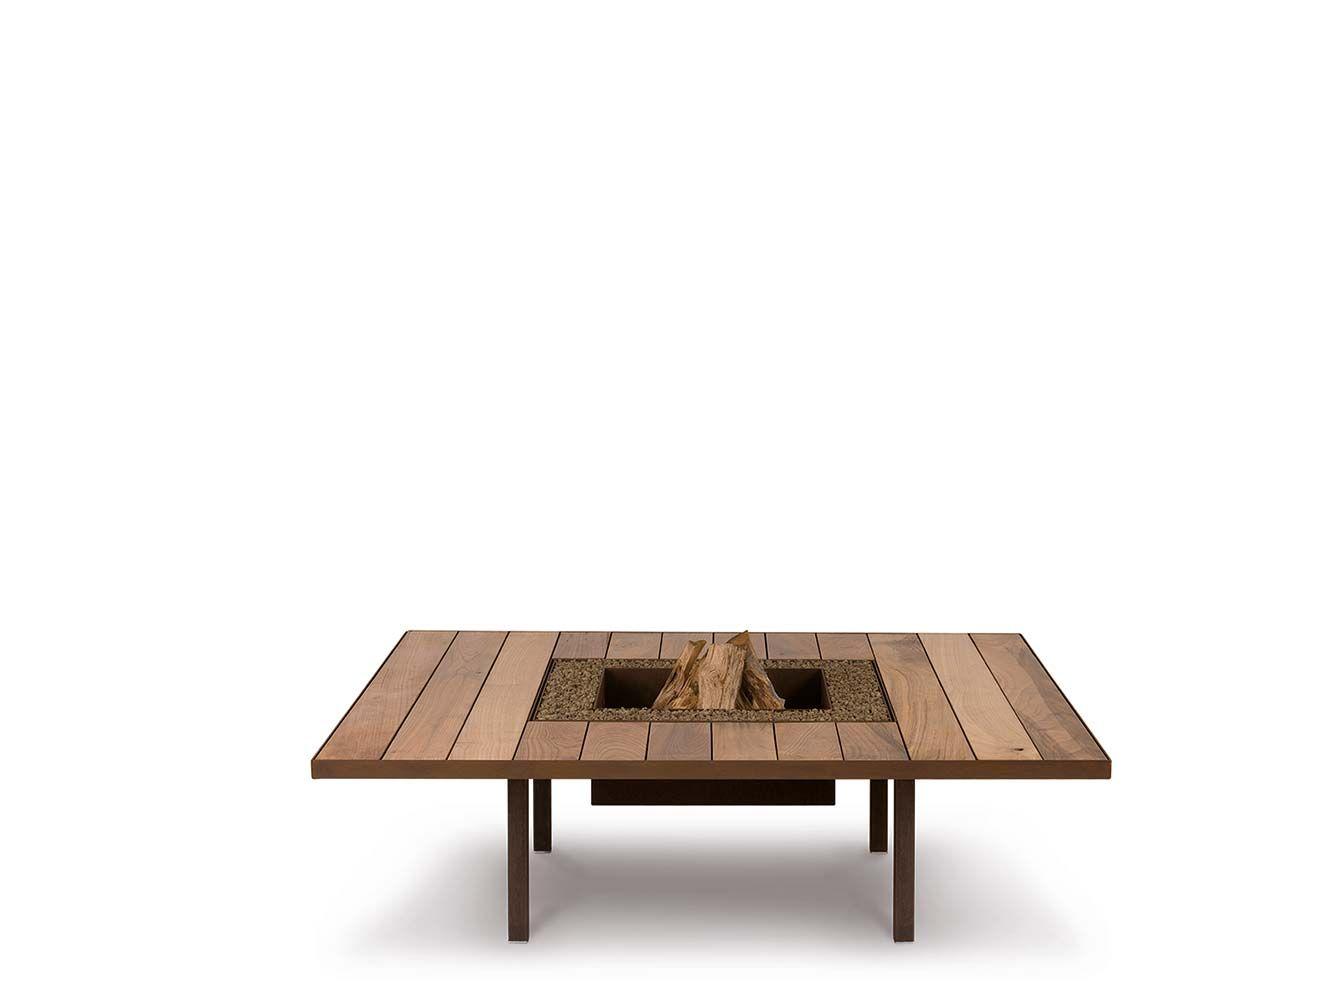 brasero table en bois et aluminium a venir prochainement ak47 design accessoires jardin. Black Bedroom Furniture Sets. Home Design Ideas